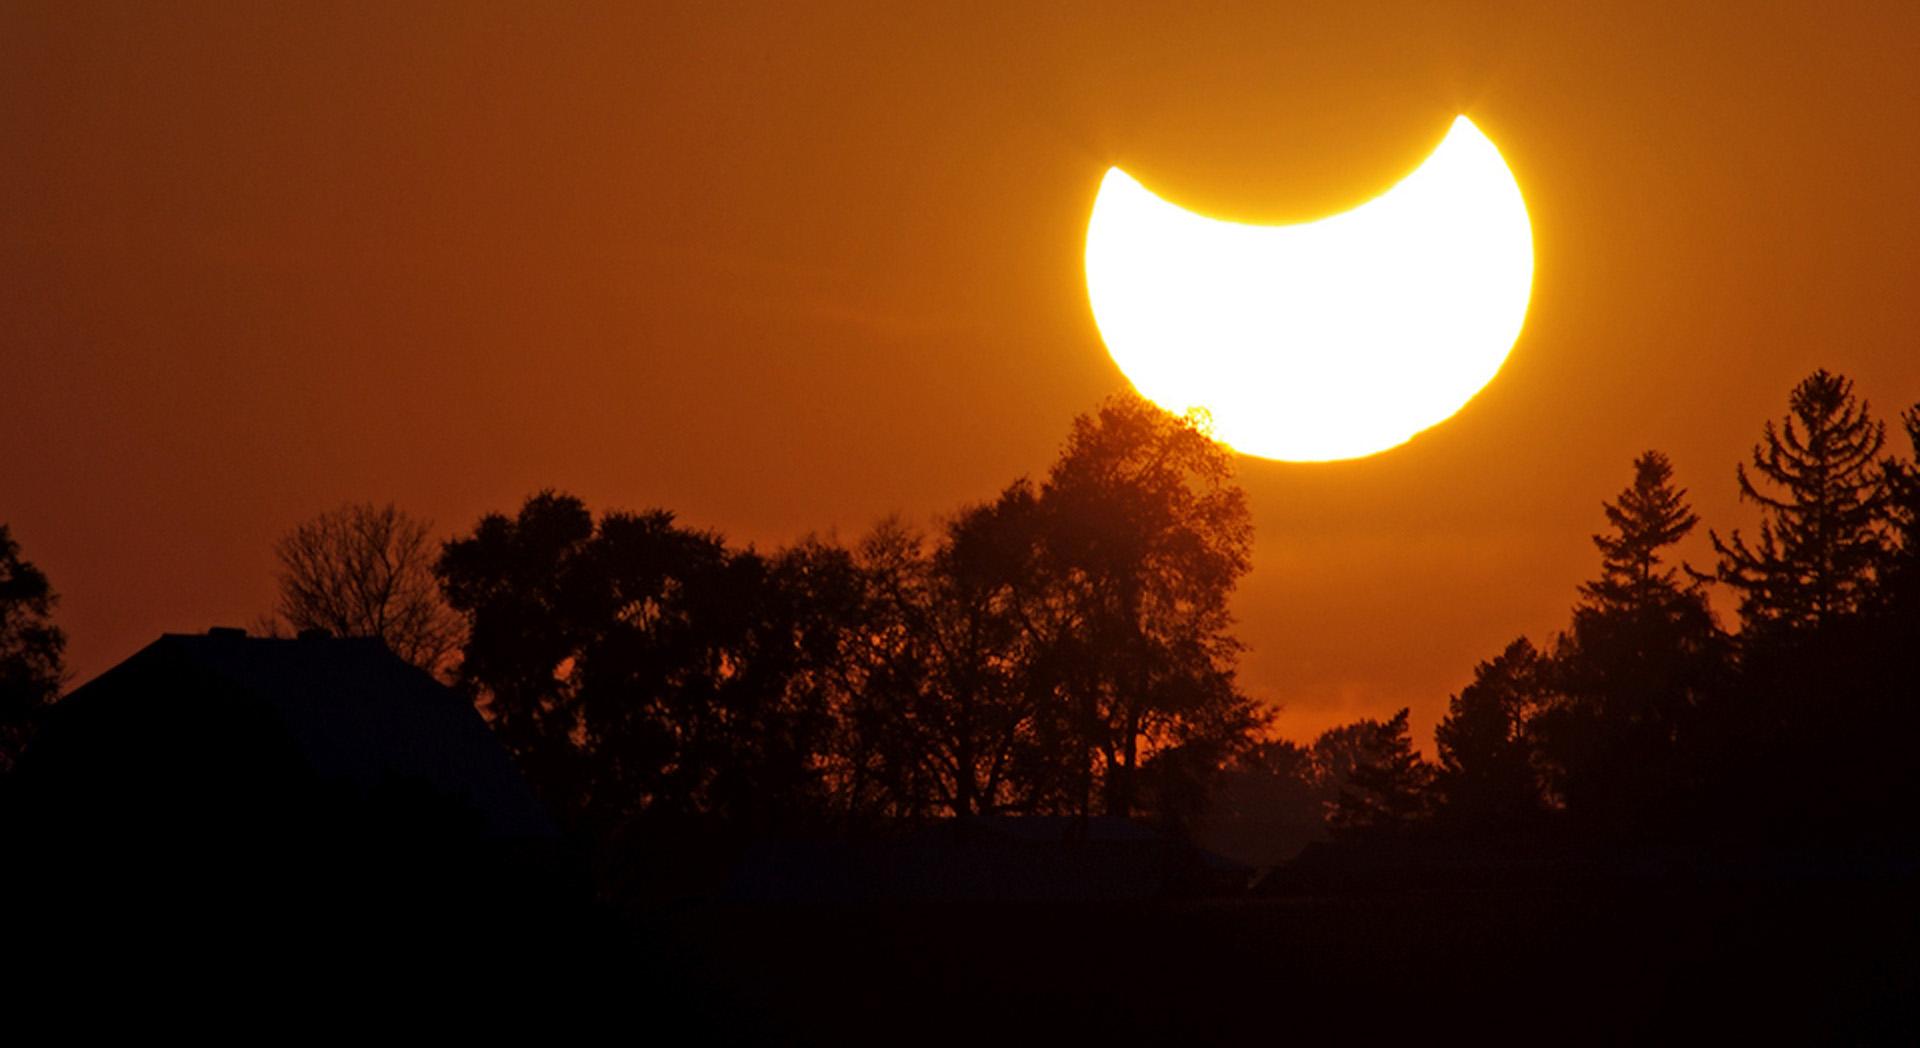 Así se verá el eclipse en la Patagonia, tal como se apreció en 2015 en México